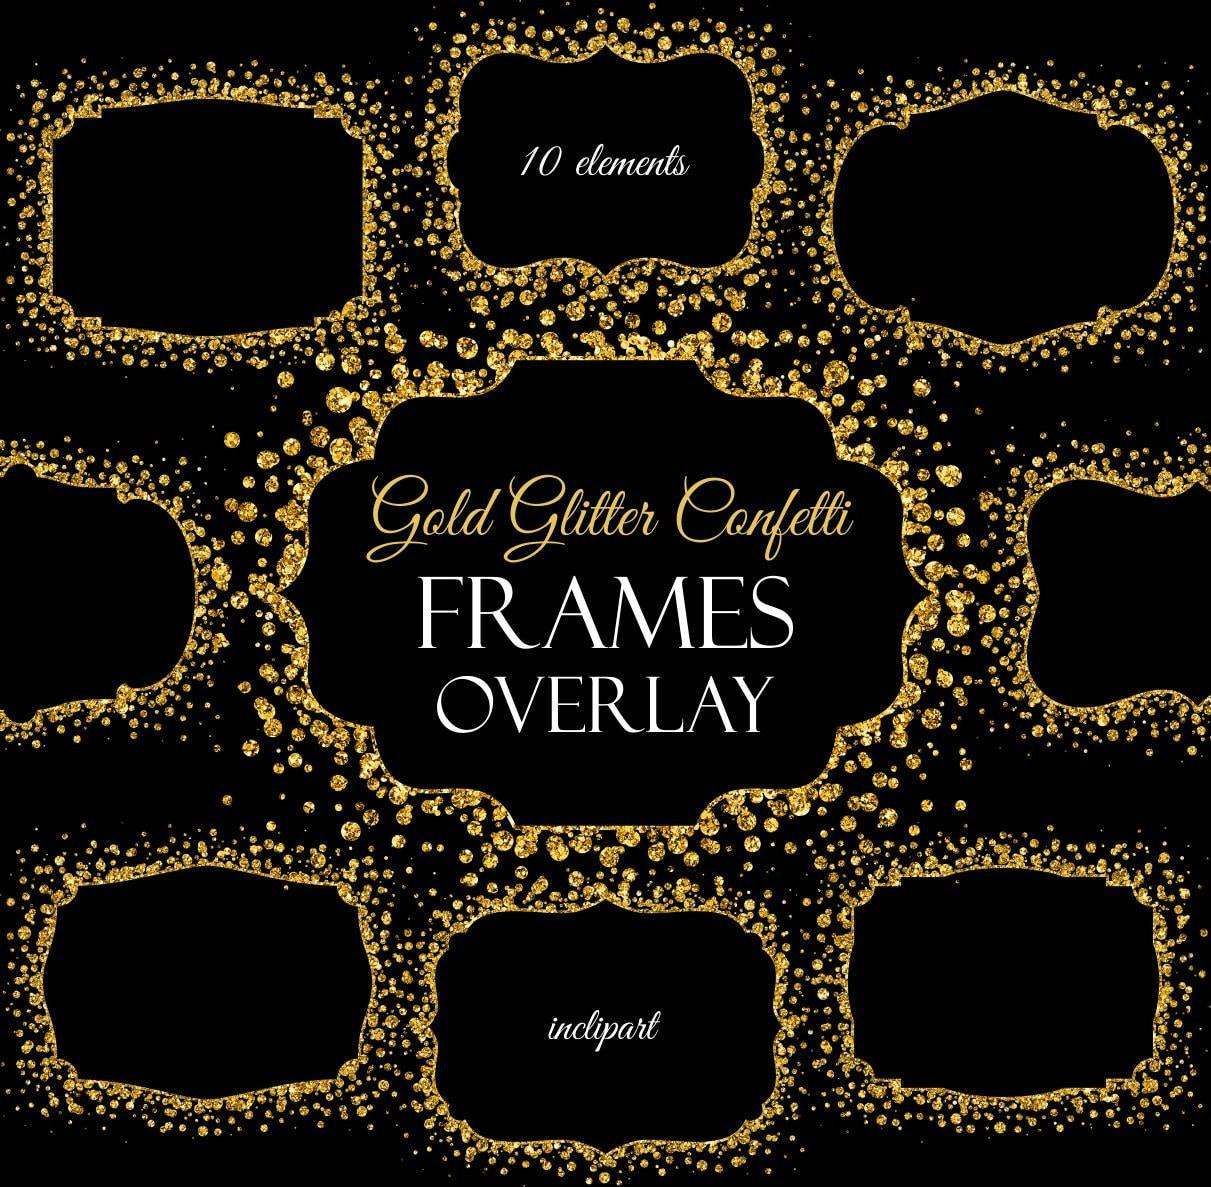 Overlay frame clipart. Confetti gold glitter frame. Digital